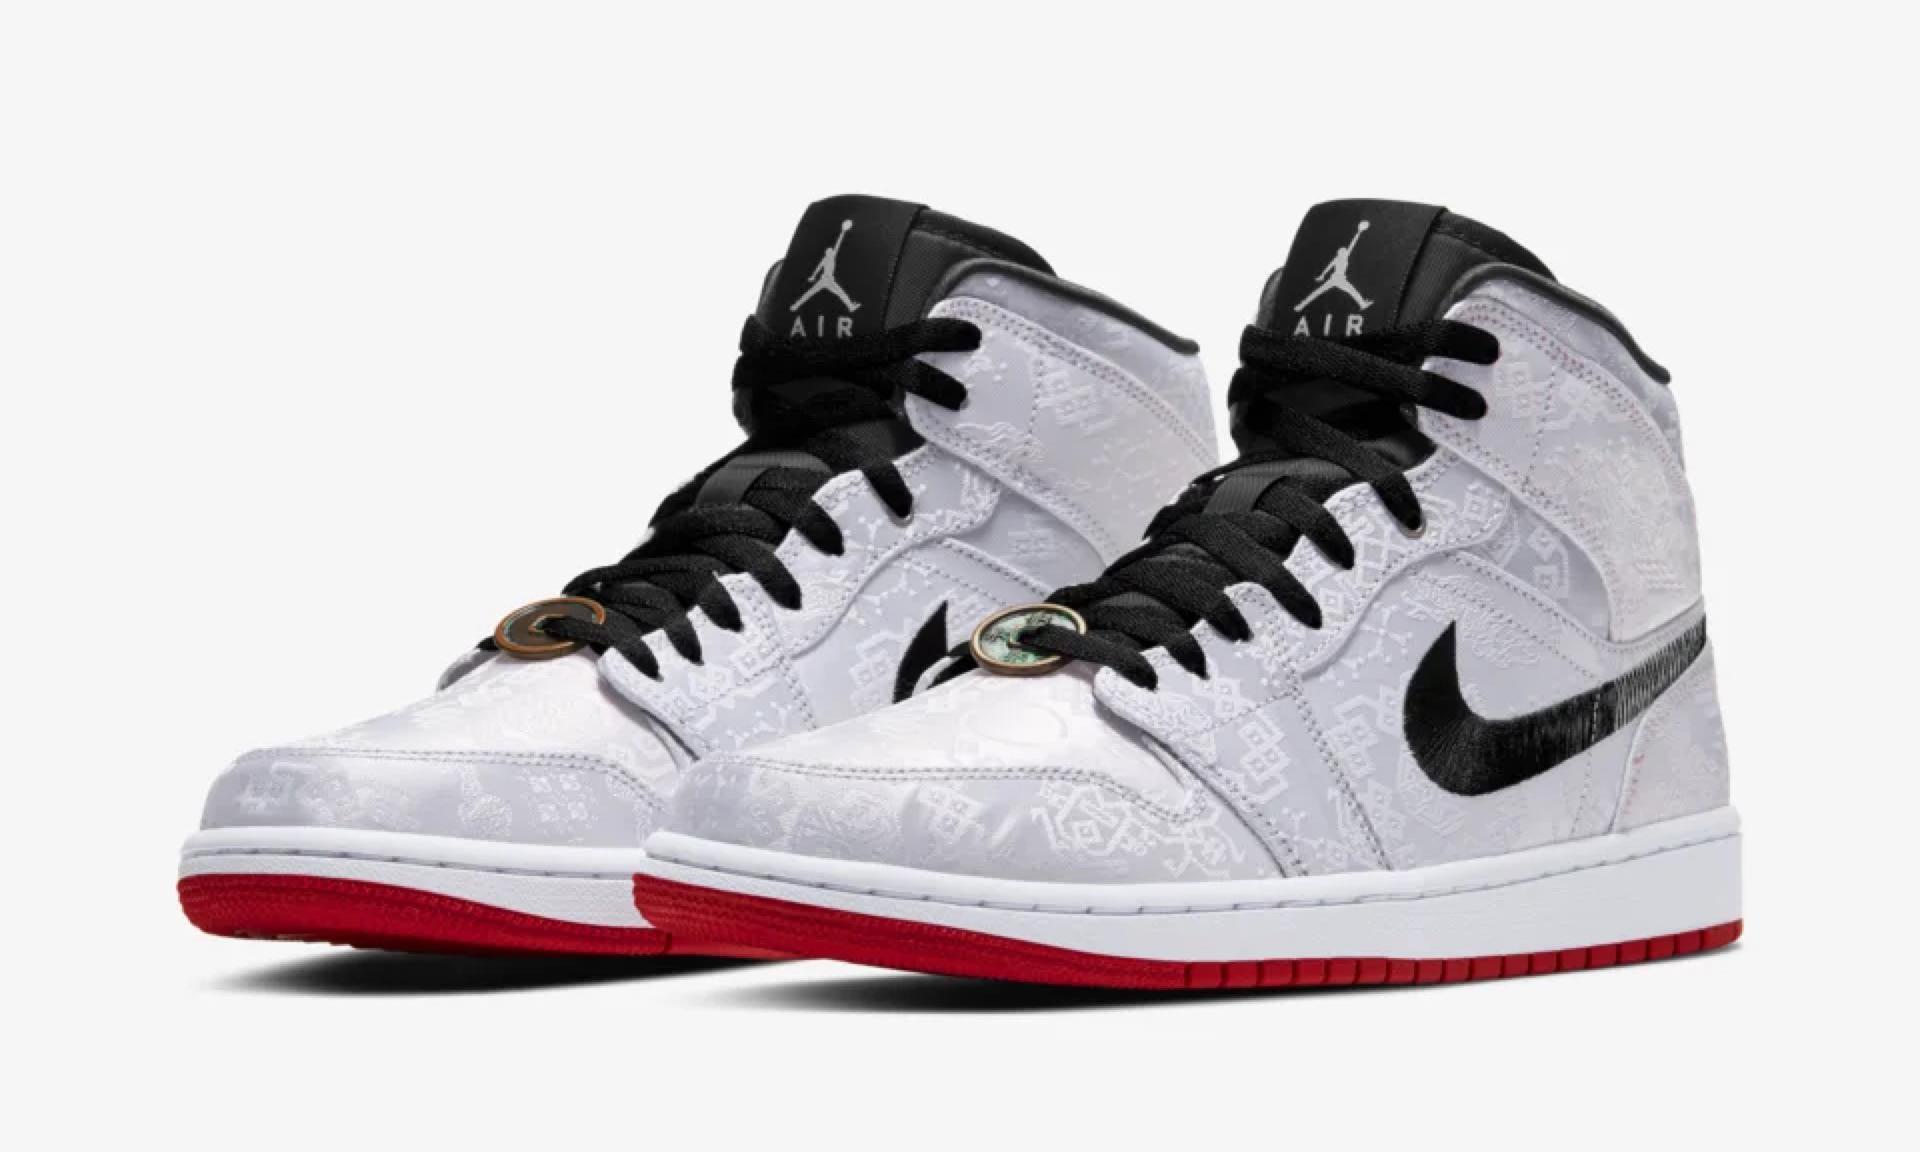 下月目标锁定,CLOT x Air Jordan I Mid Fearless 上架 SNKRS